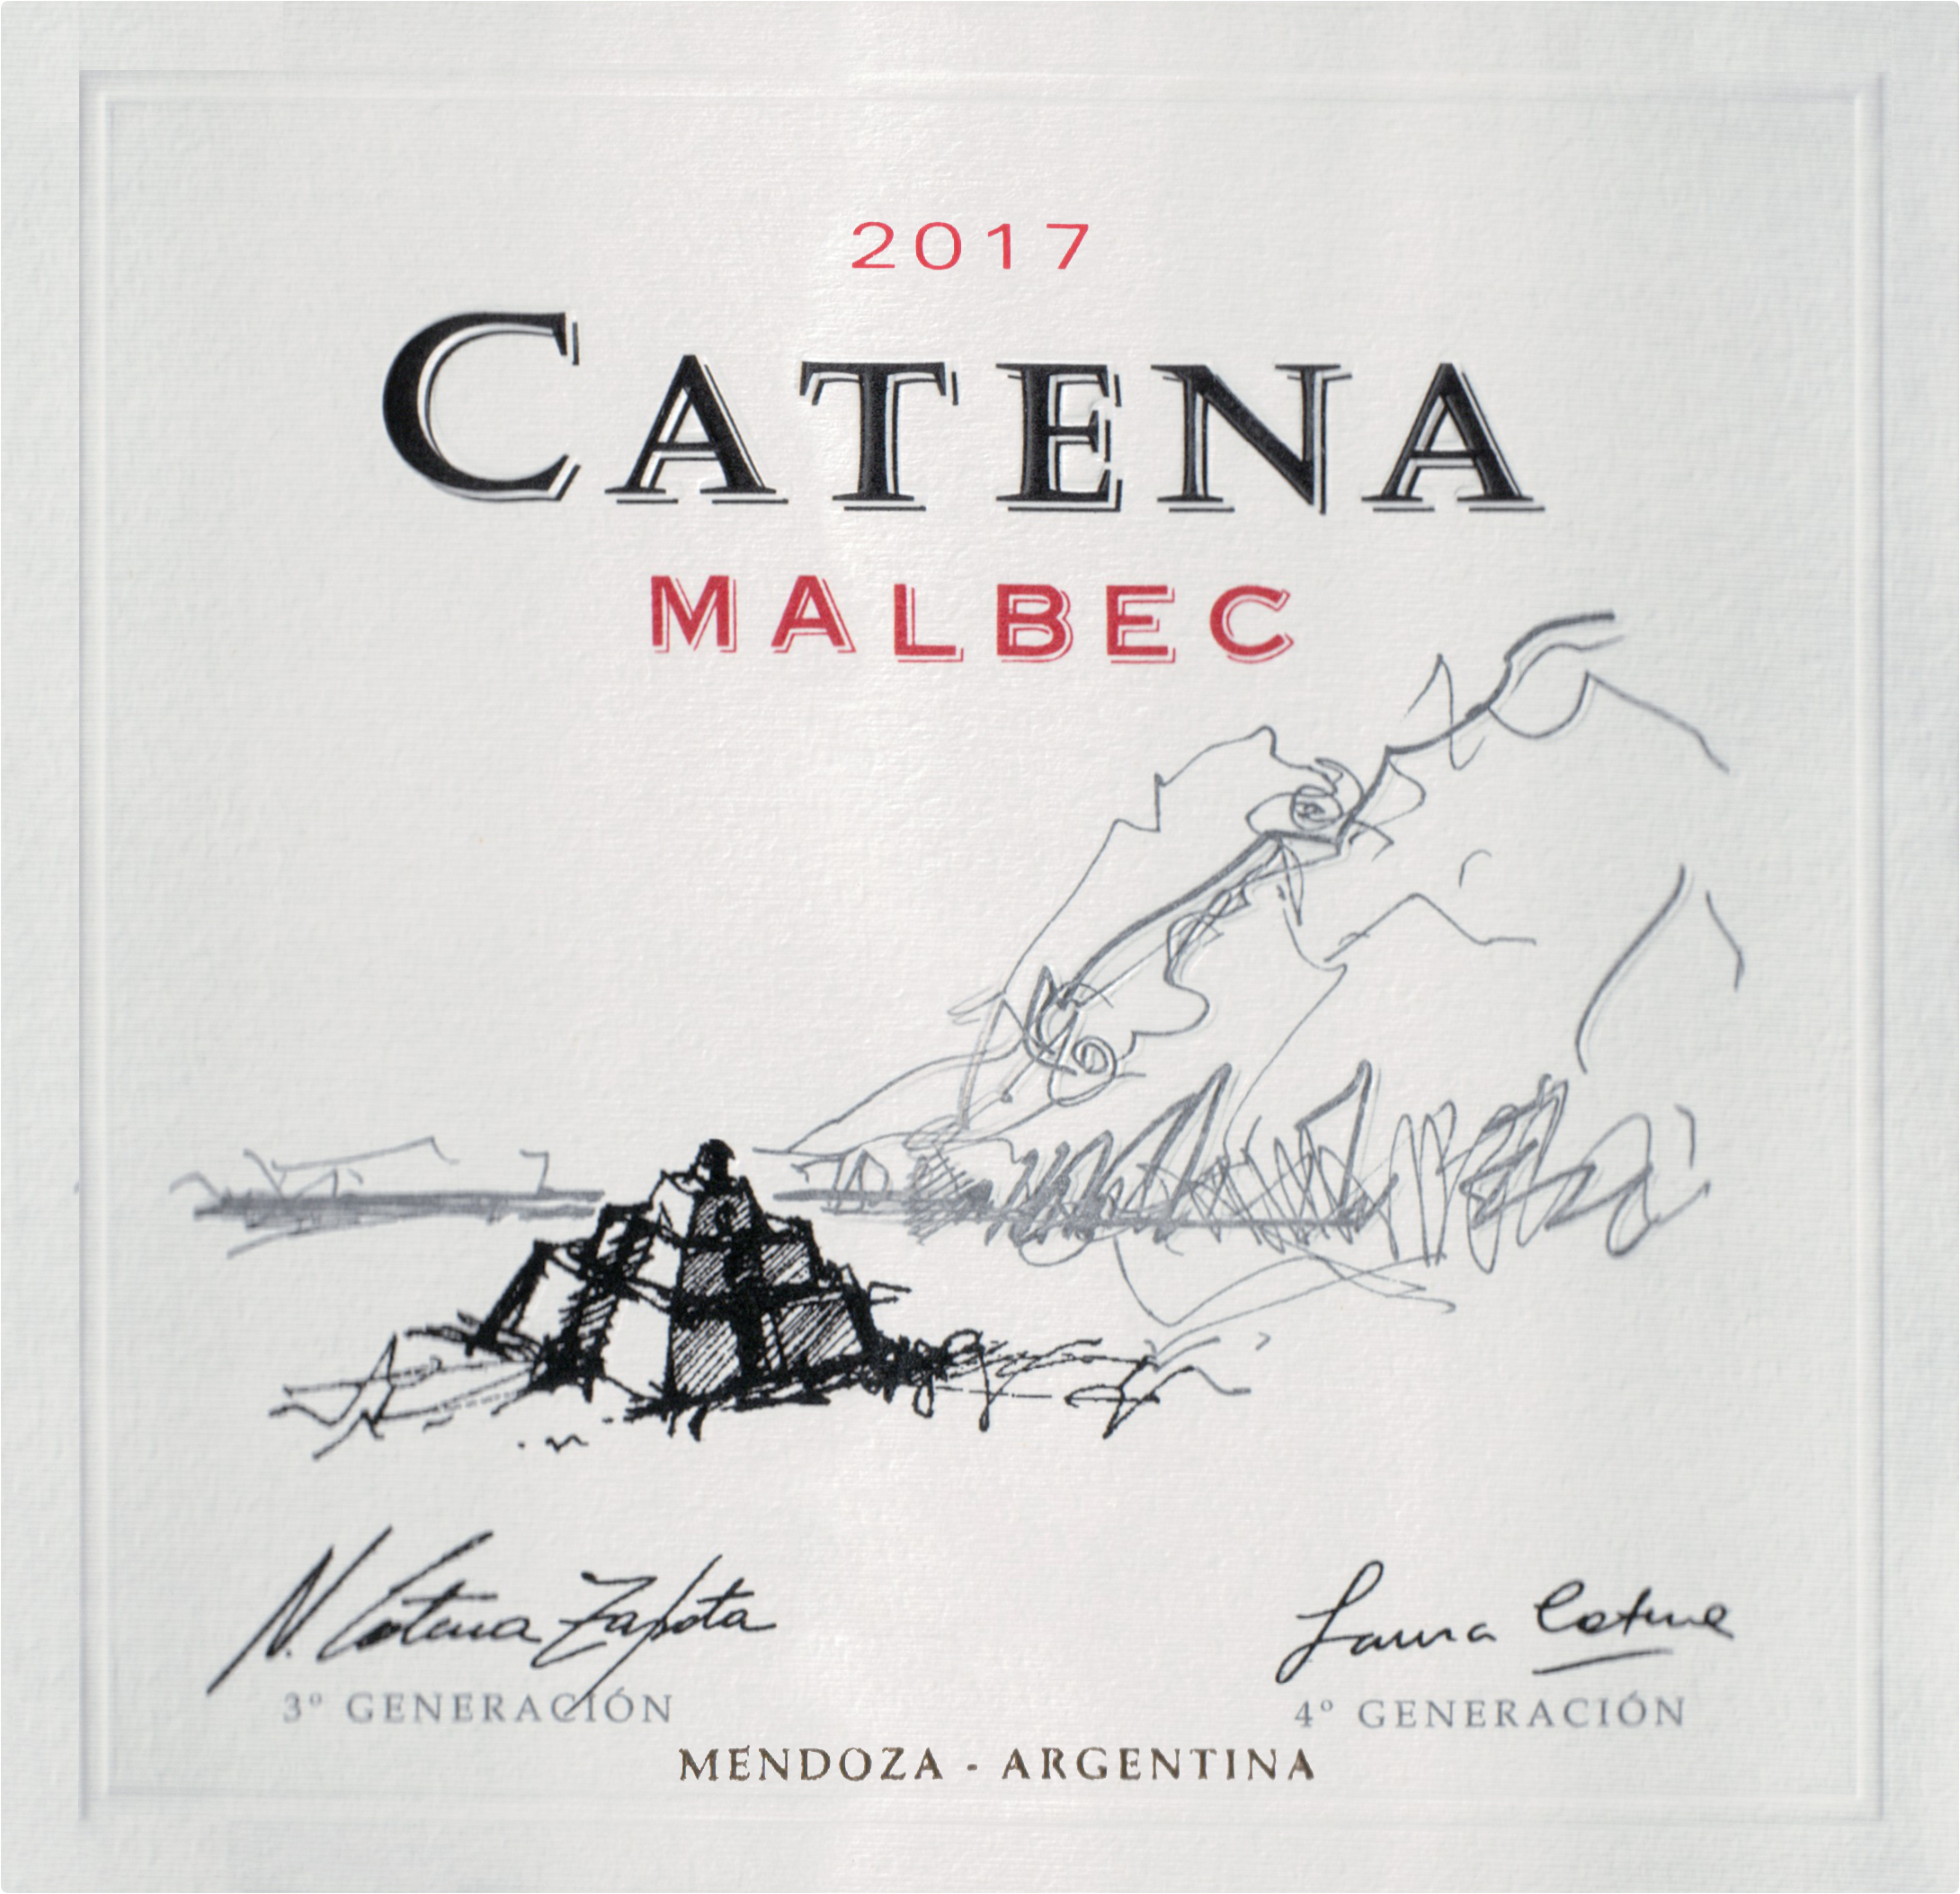 Catena Malbec 2017